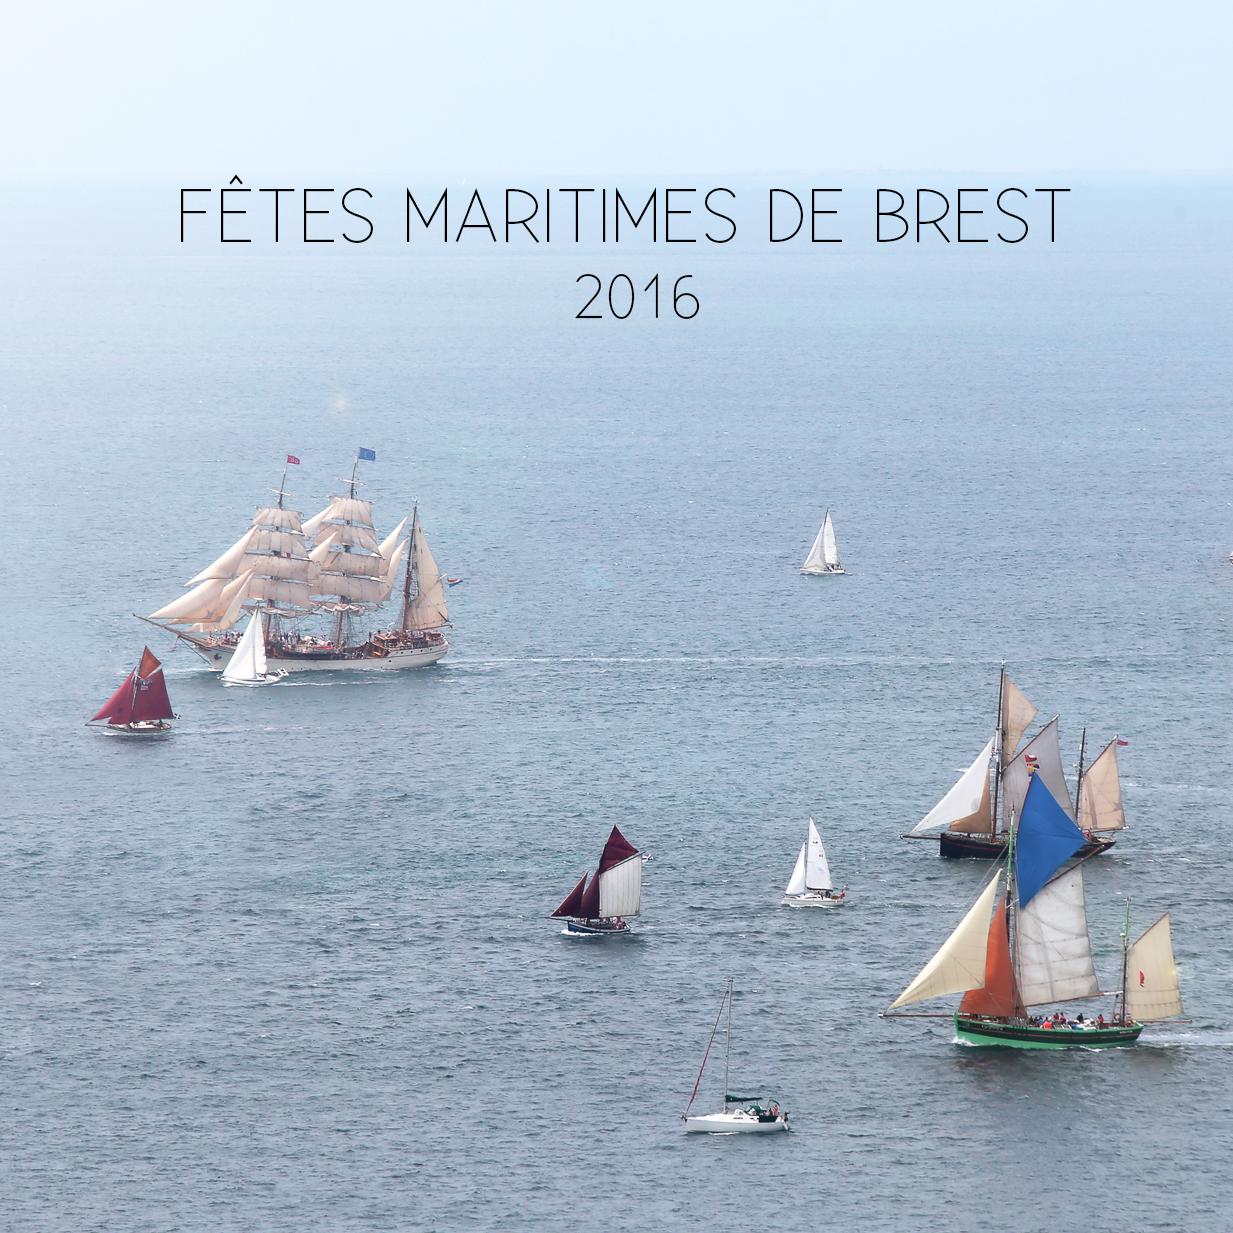 Photographe nautisme - fetes maritimes de brest 2016